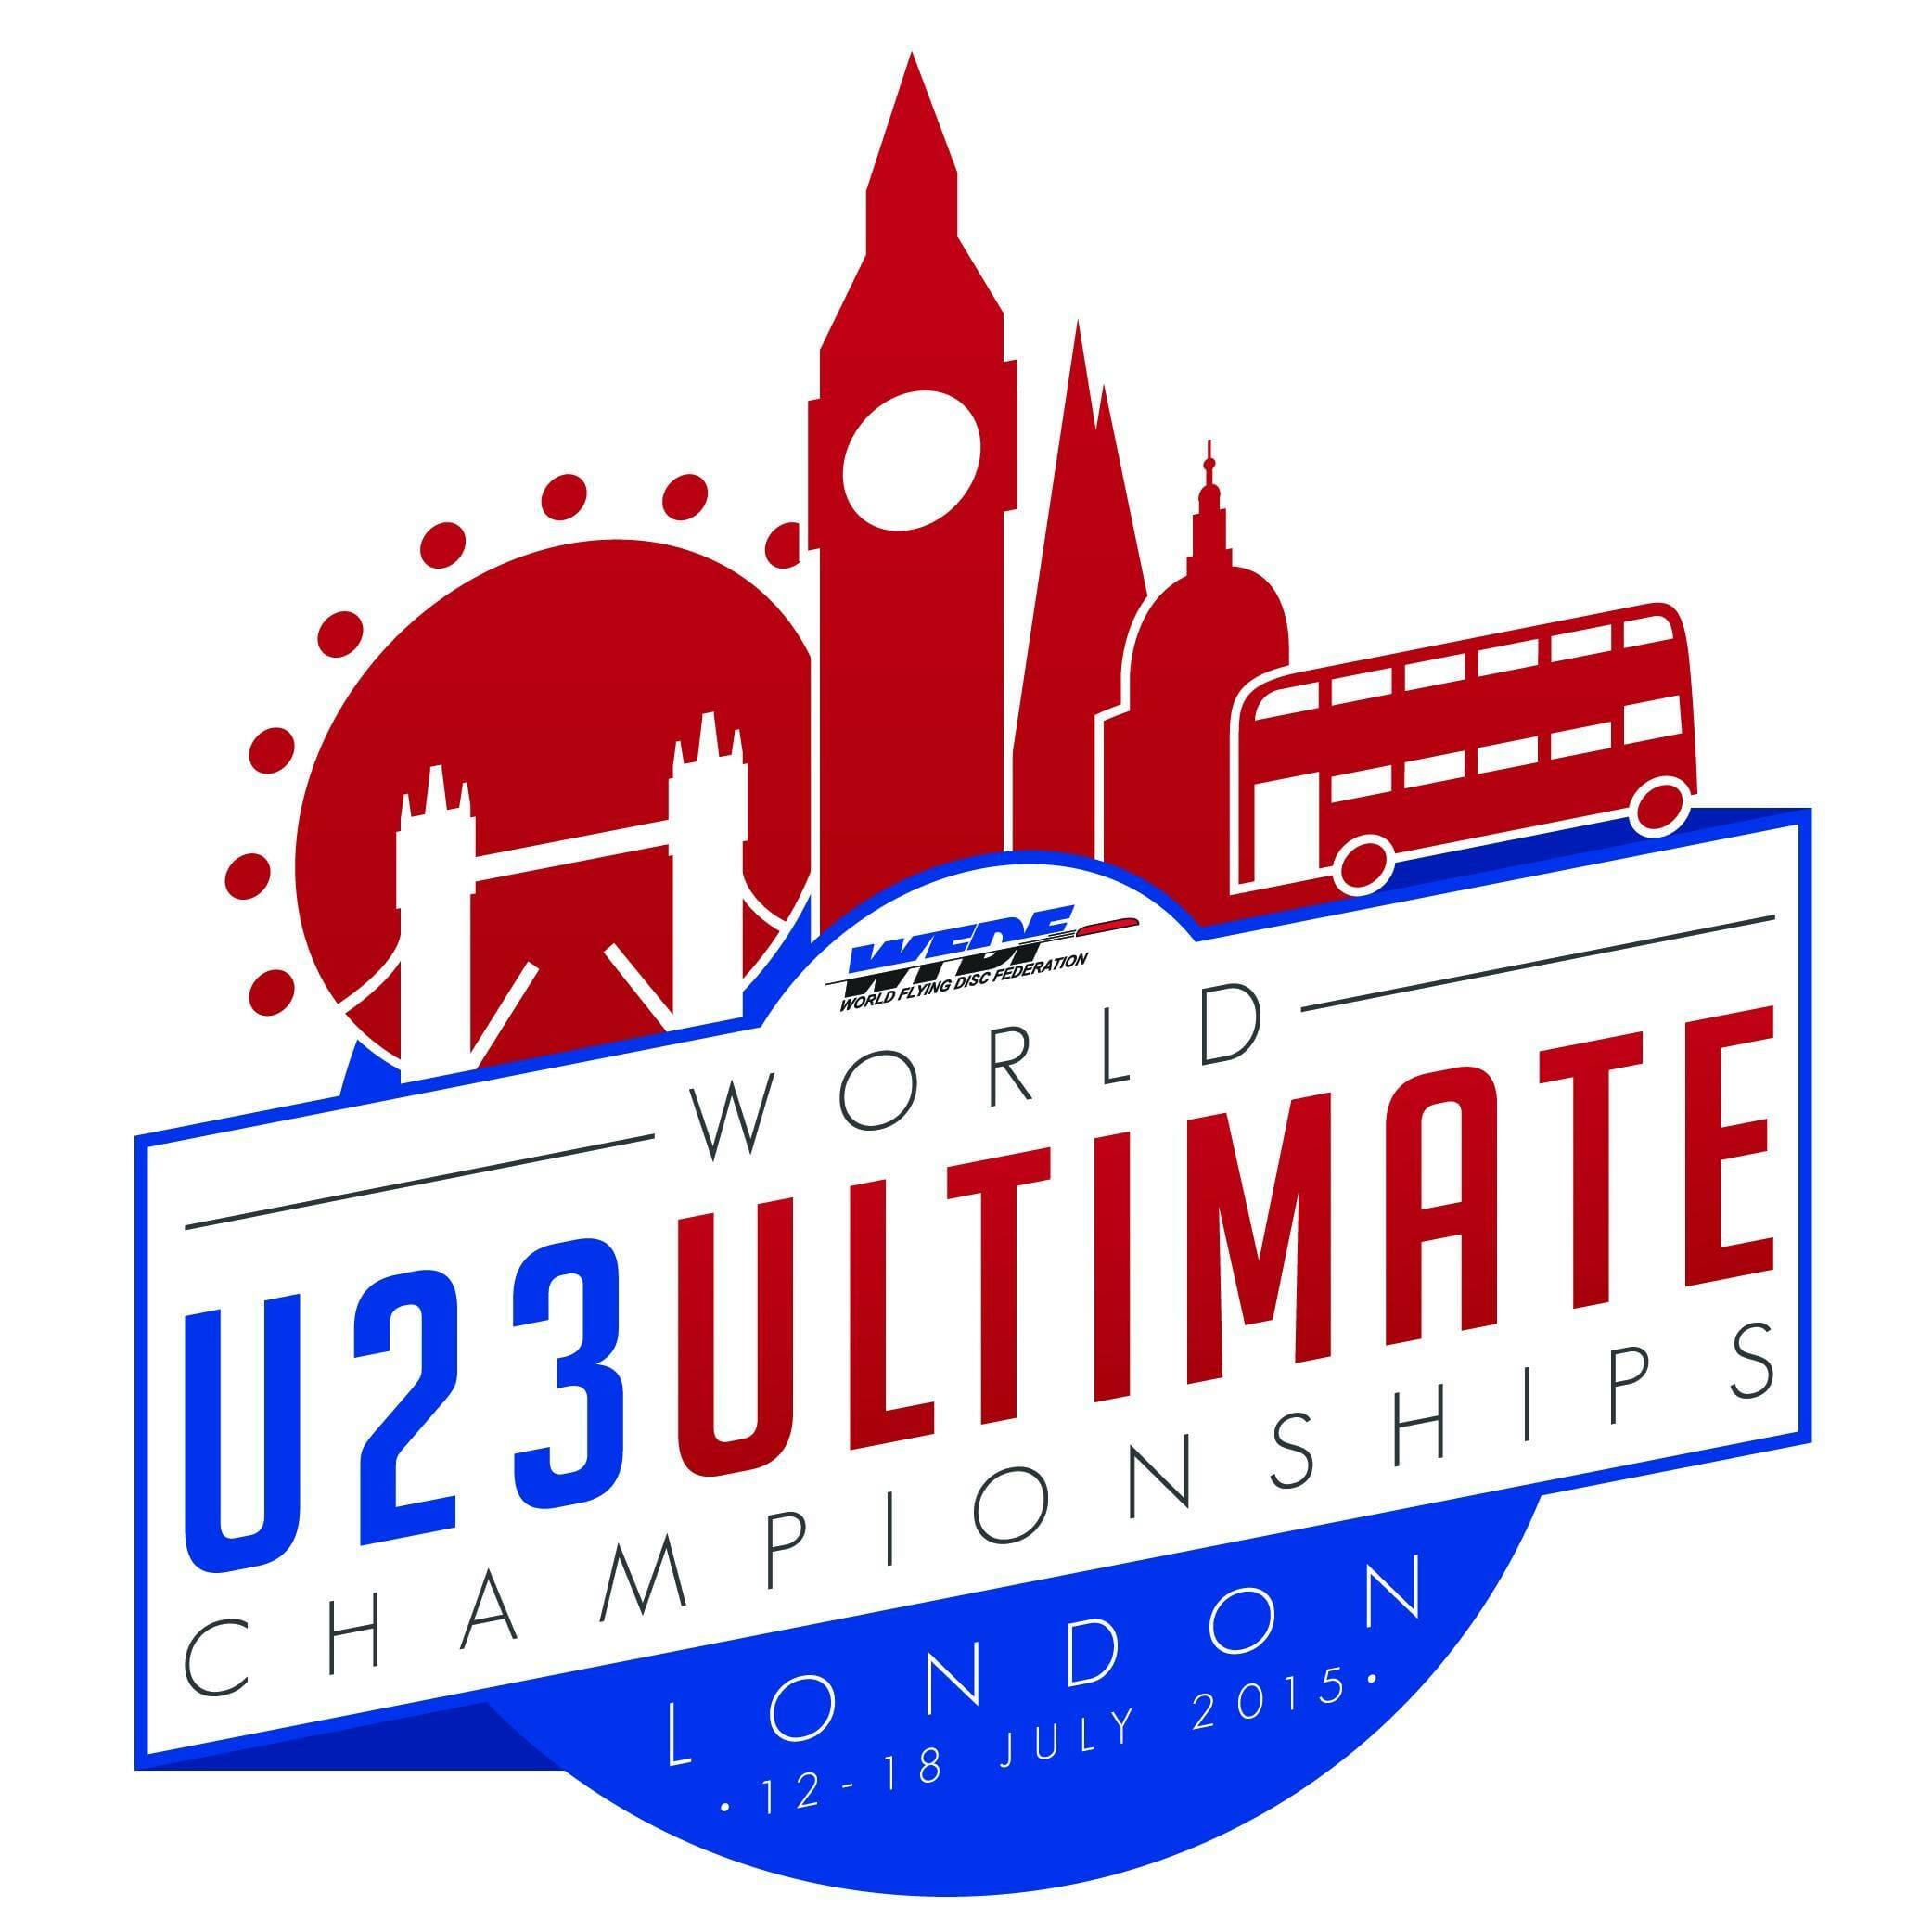 WFDF u23 2015 logo